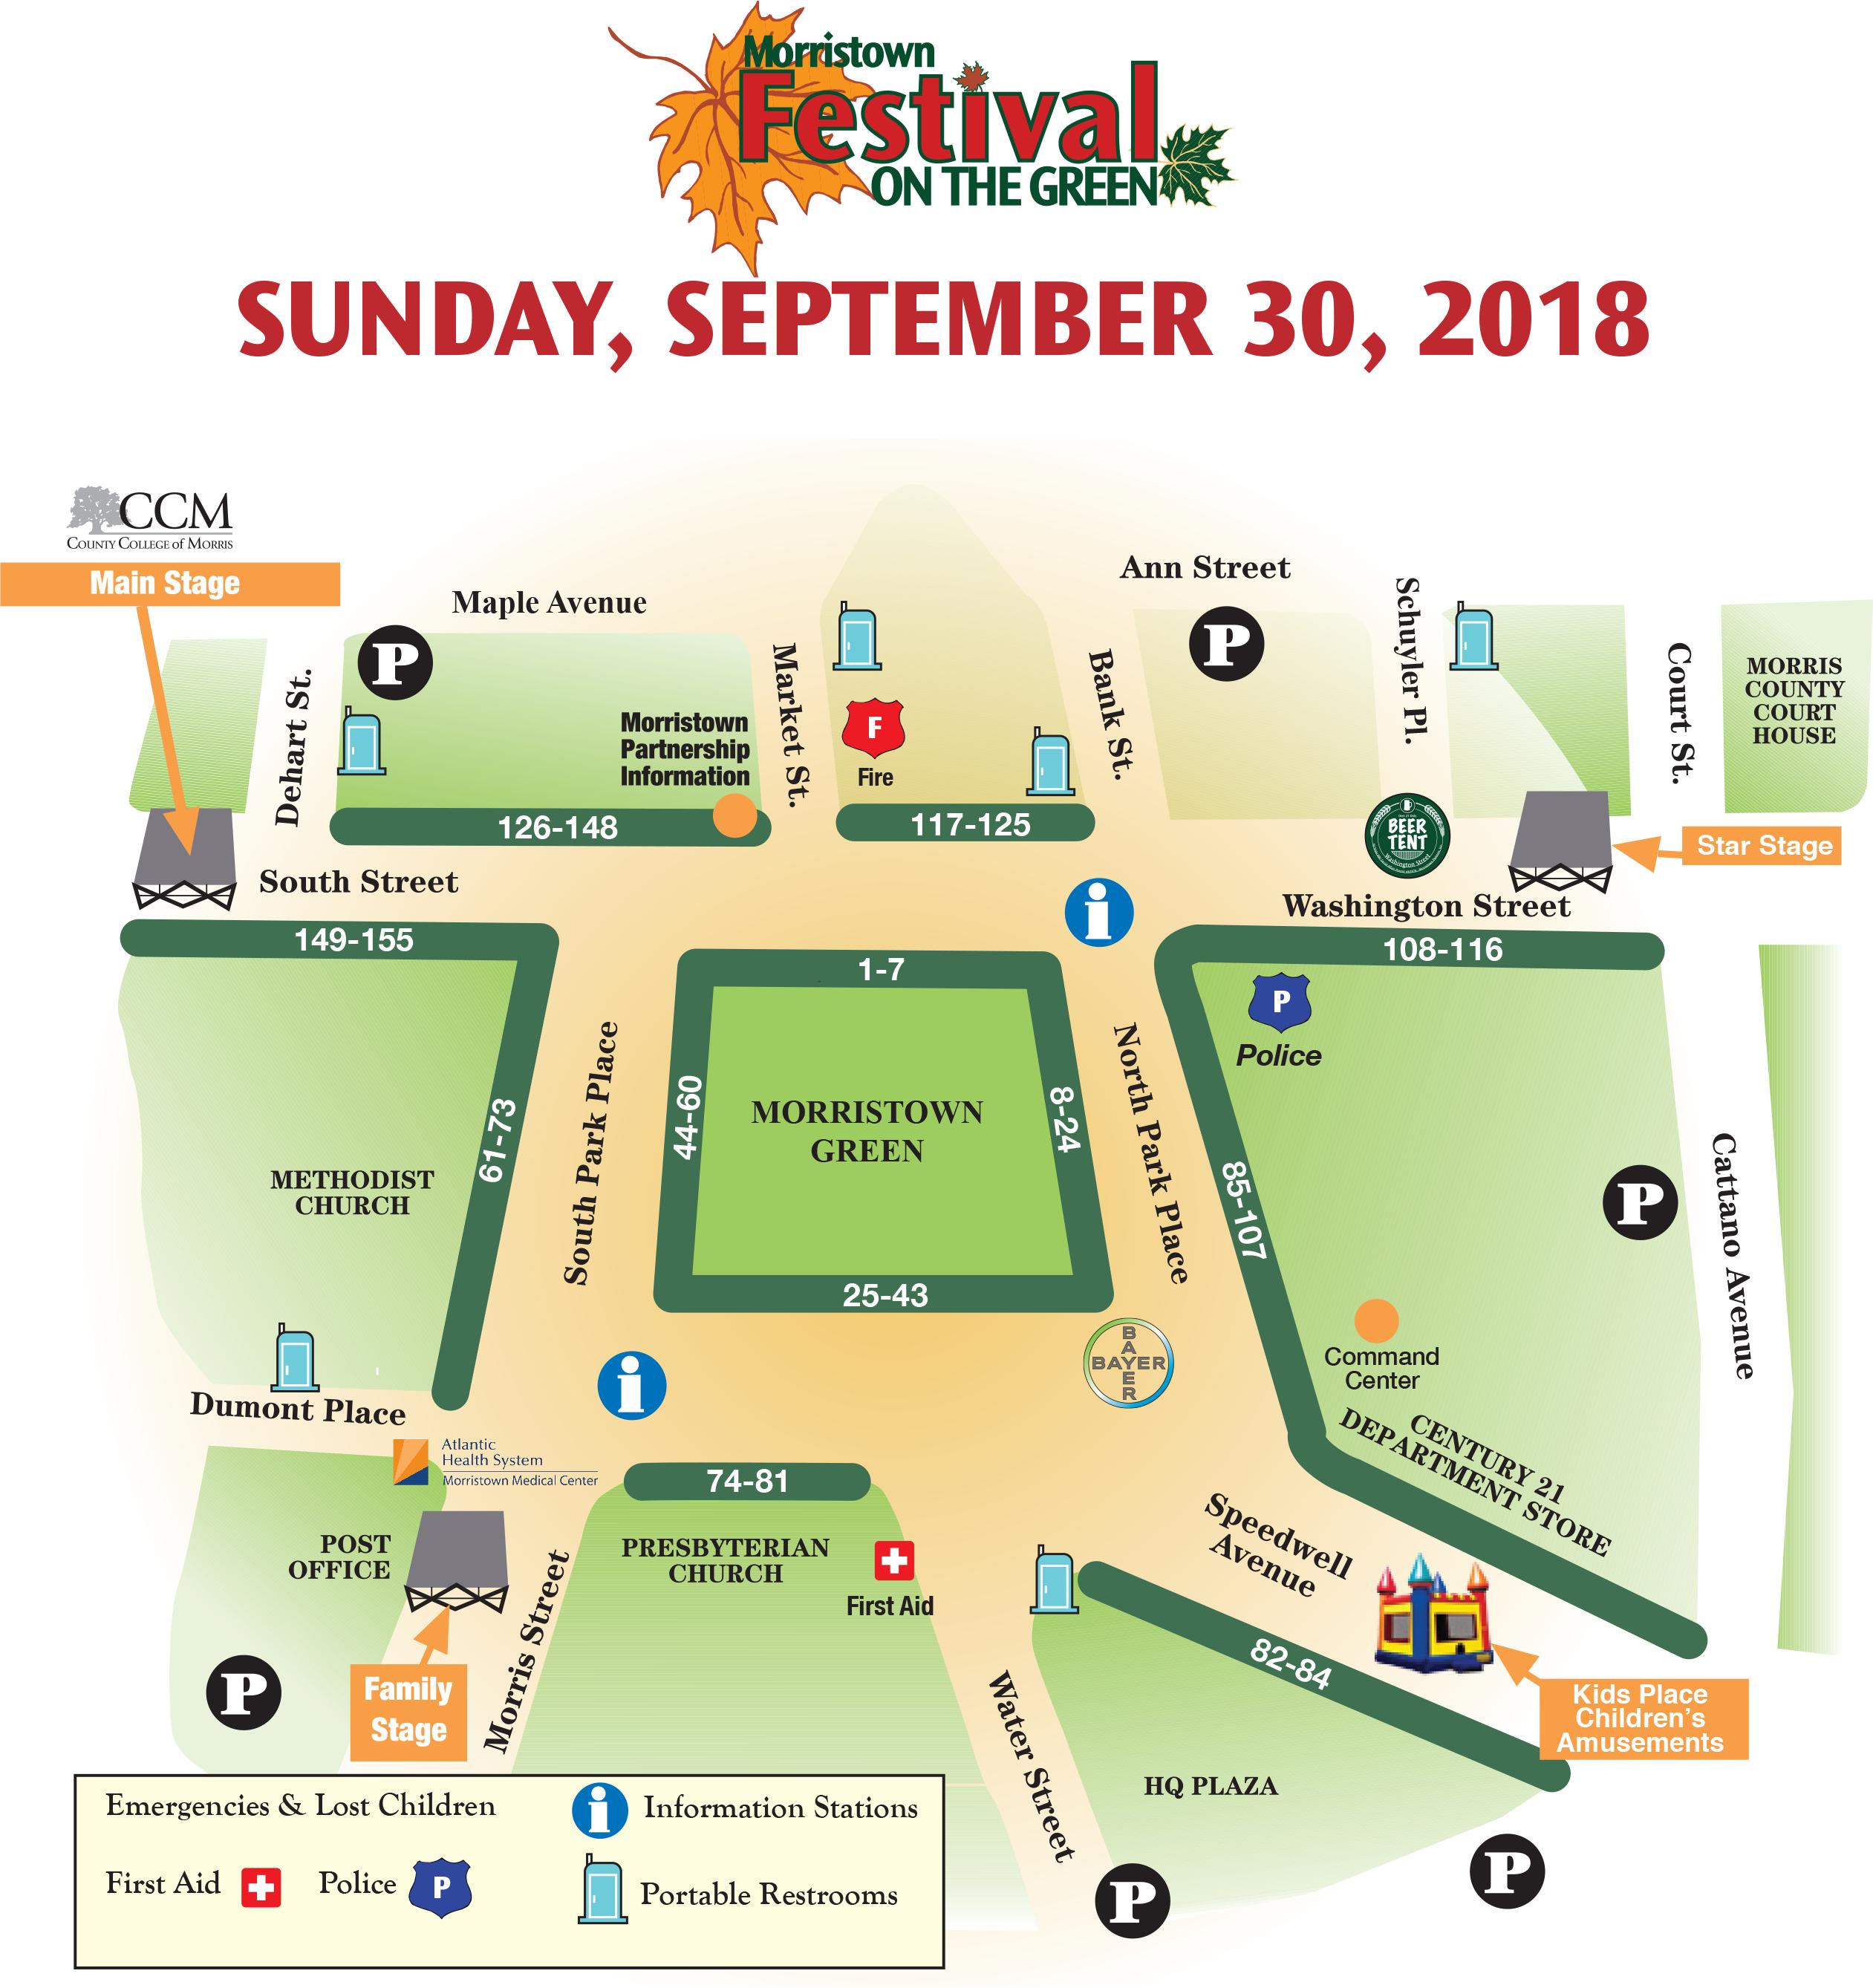 Morristown Festival on the Green 2018 | Morristown Partnership